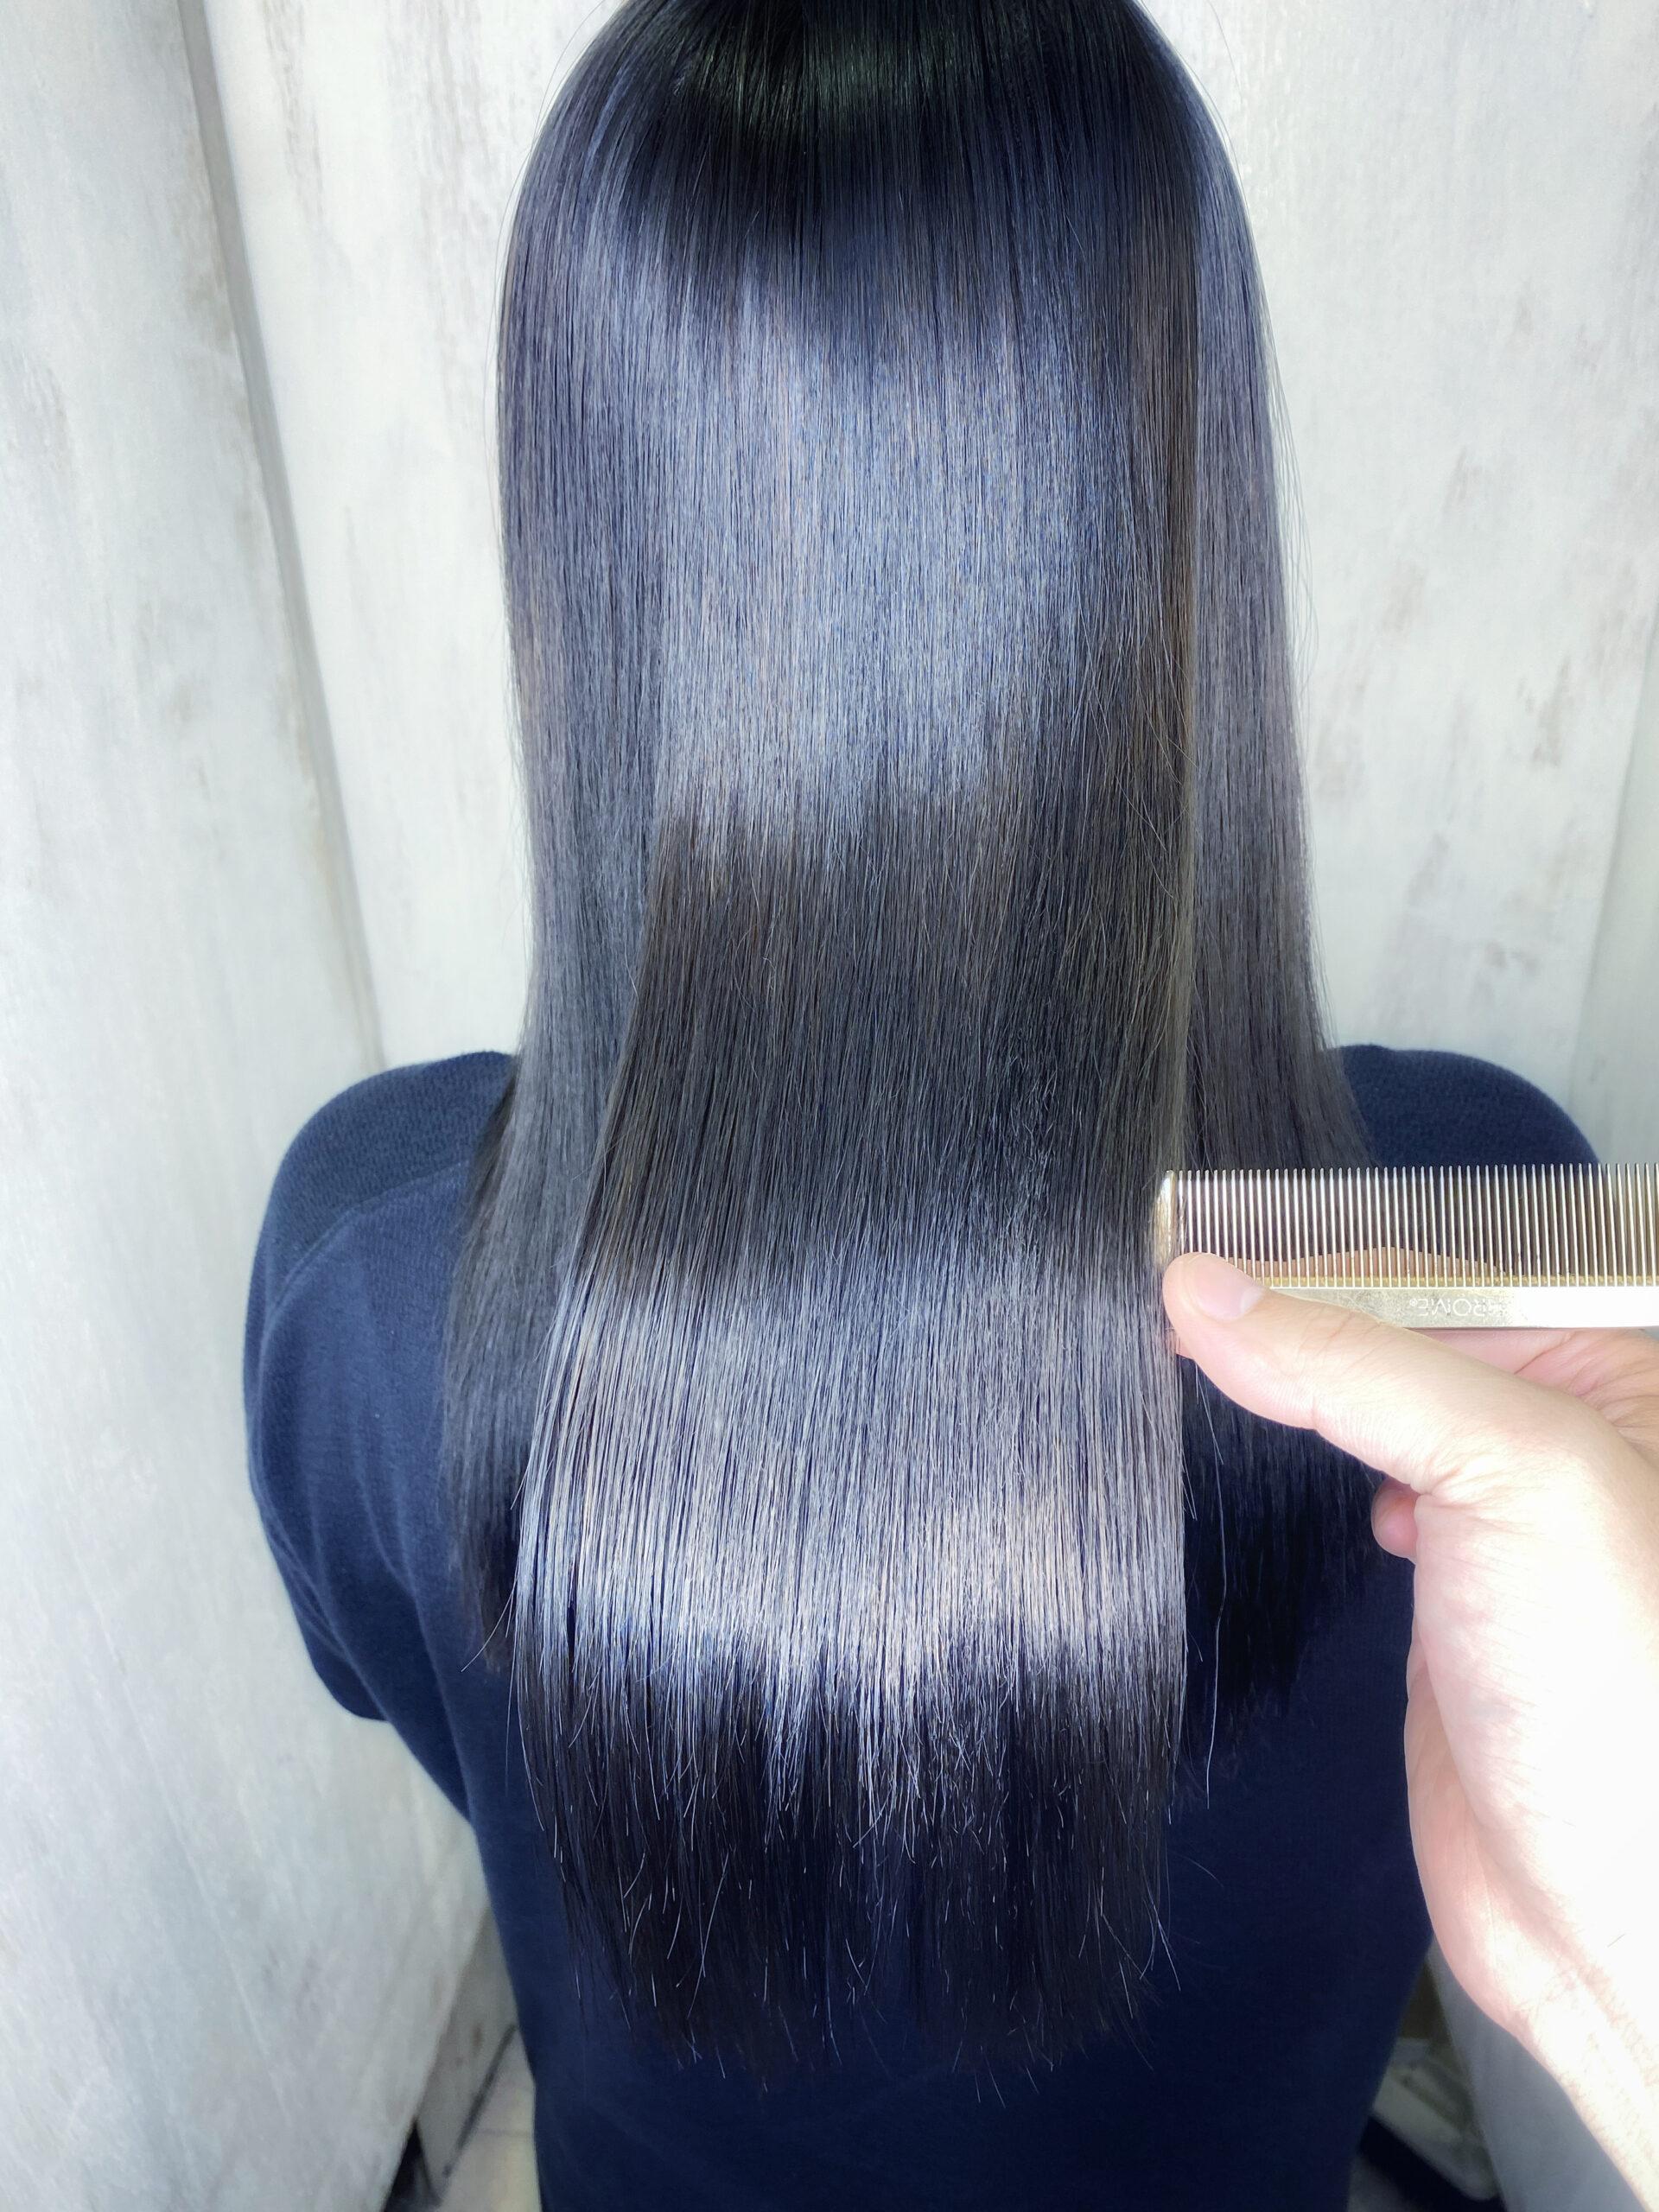 ブリーチ毛の方をジュエリーシステム×LULUトリートメント×縮毛矯正+オレオルカラーで艶髪ストレートヘア。